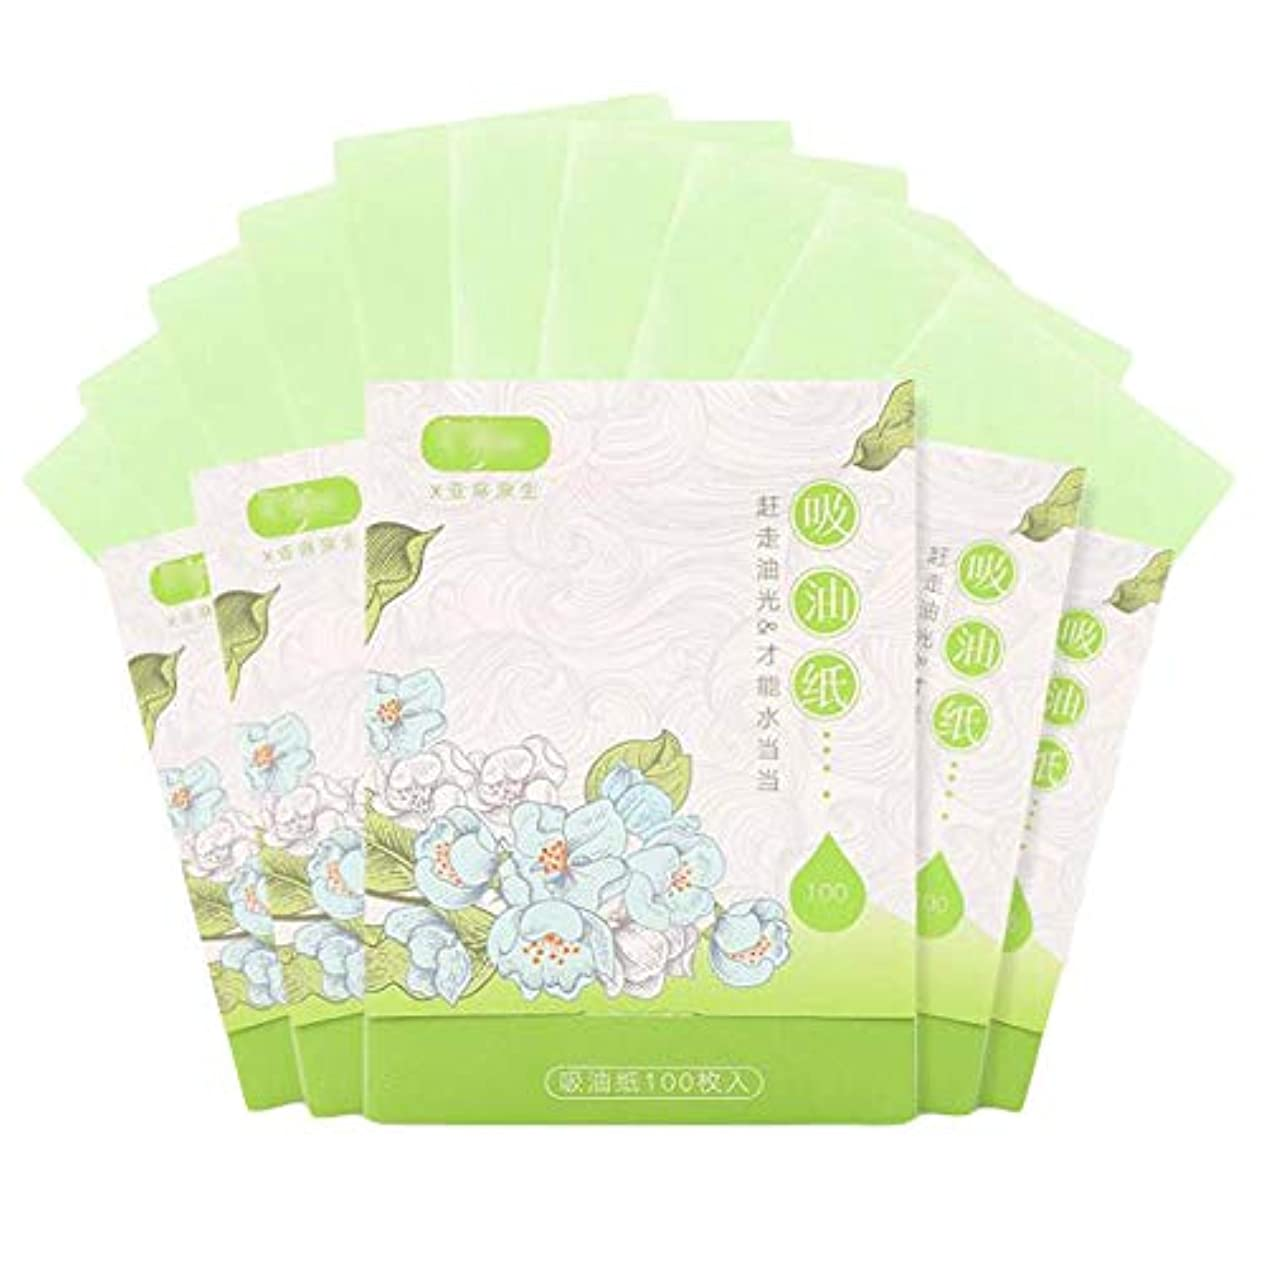 アウトドアアウトドア鬼ごっこ人および女性のための携帯用顔オイルブロッティング紙、緑500枚のシート